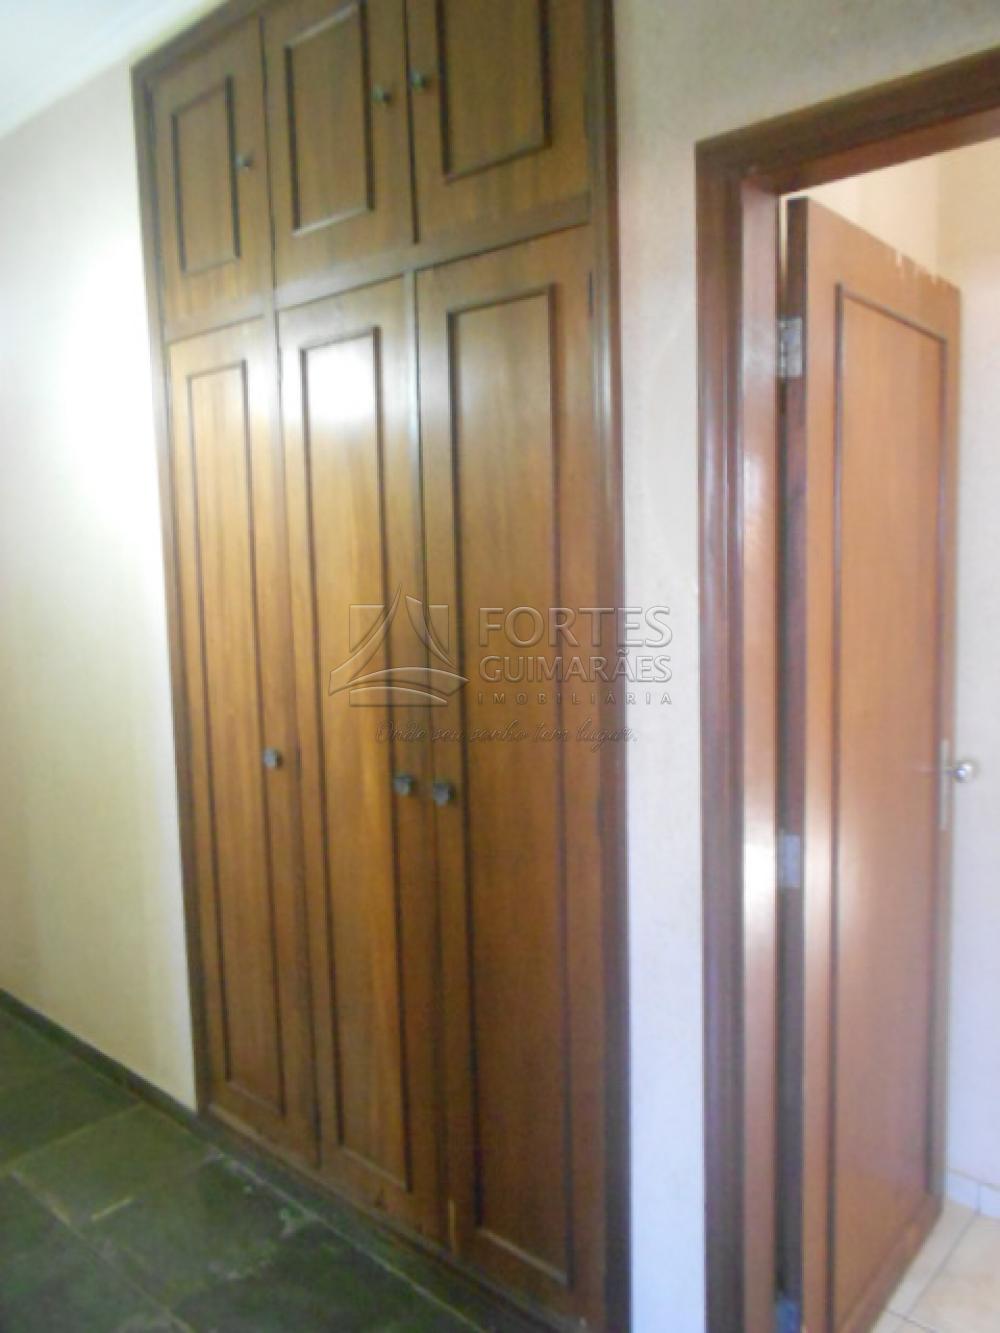 Alugar Casas / Padrão em Ribeirão Preto apenas R$ 2.500,00 - Foto 26